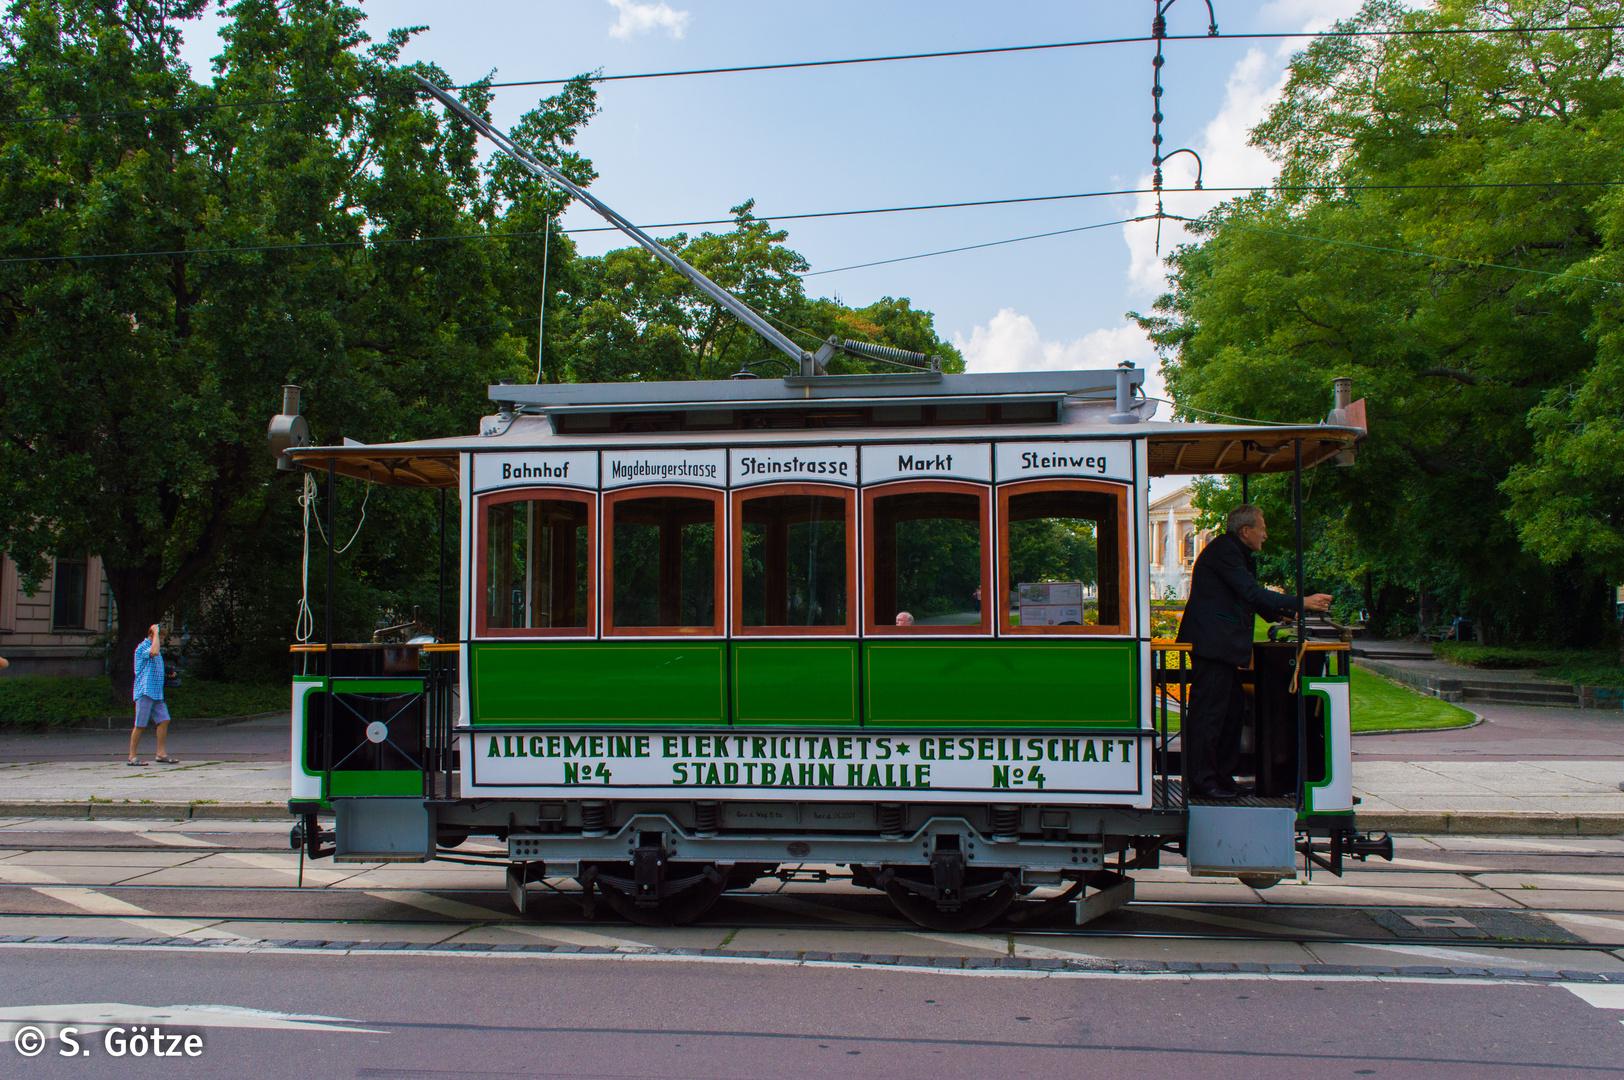 Triebwagen 4 der Halleschen Straßenbahnfreunde e.V.